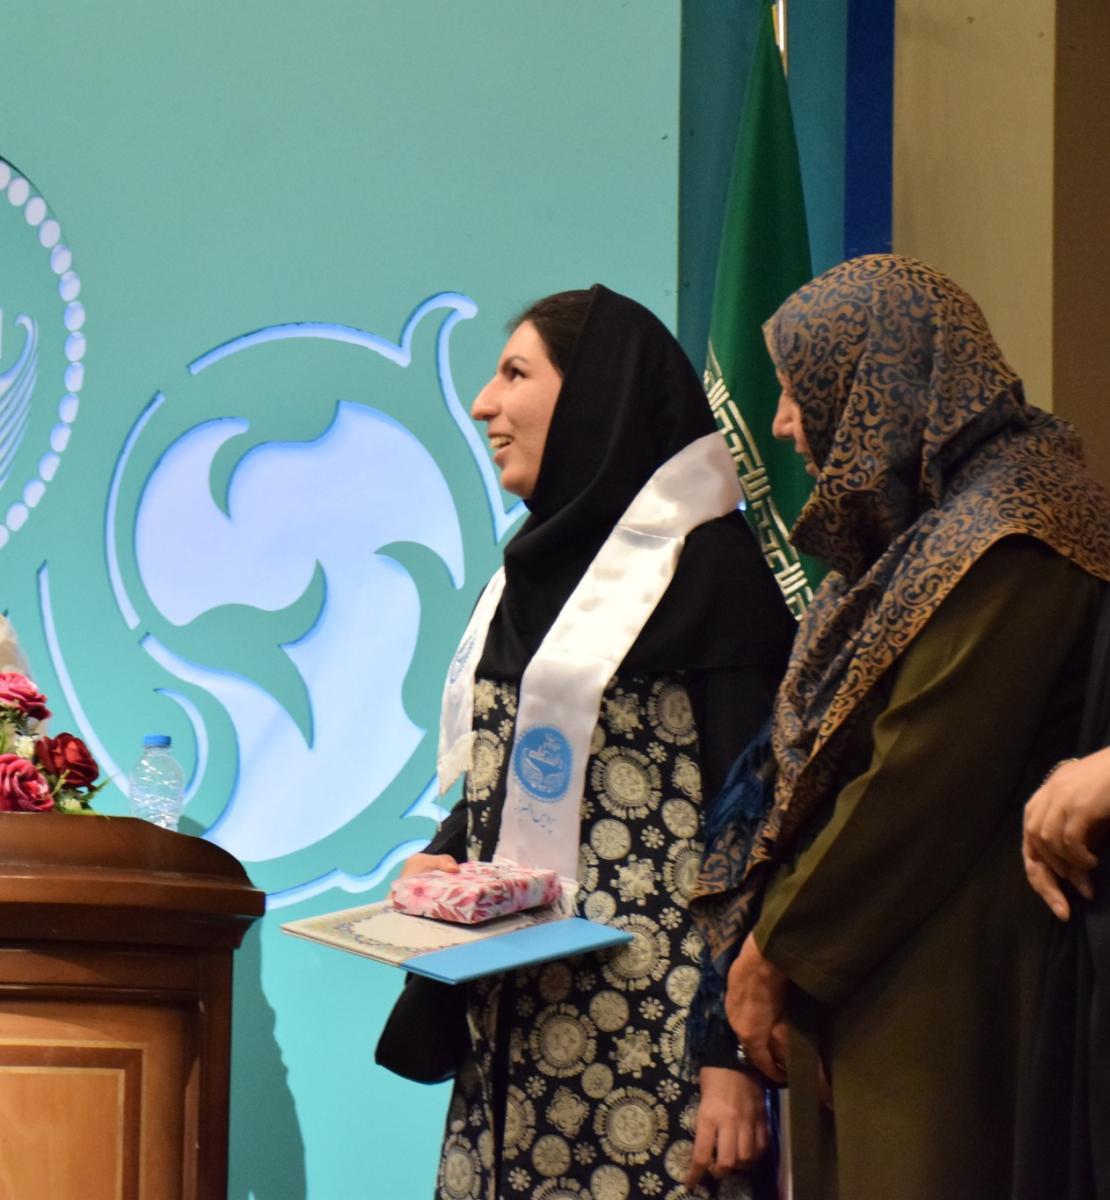 Три человека стоят на сцене возле подиума и зеленого логотипа.